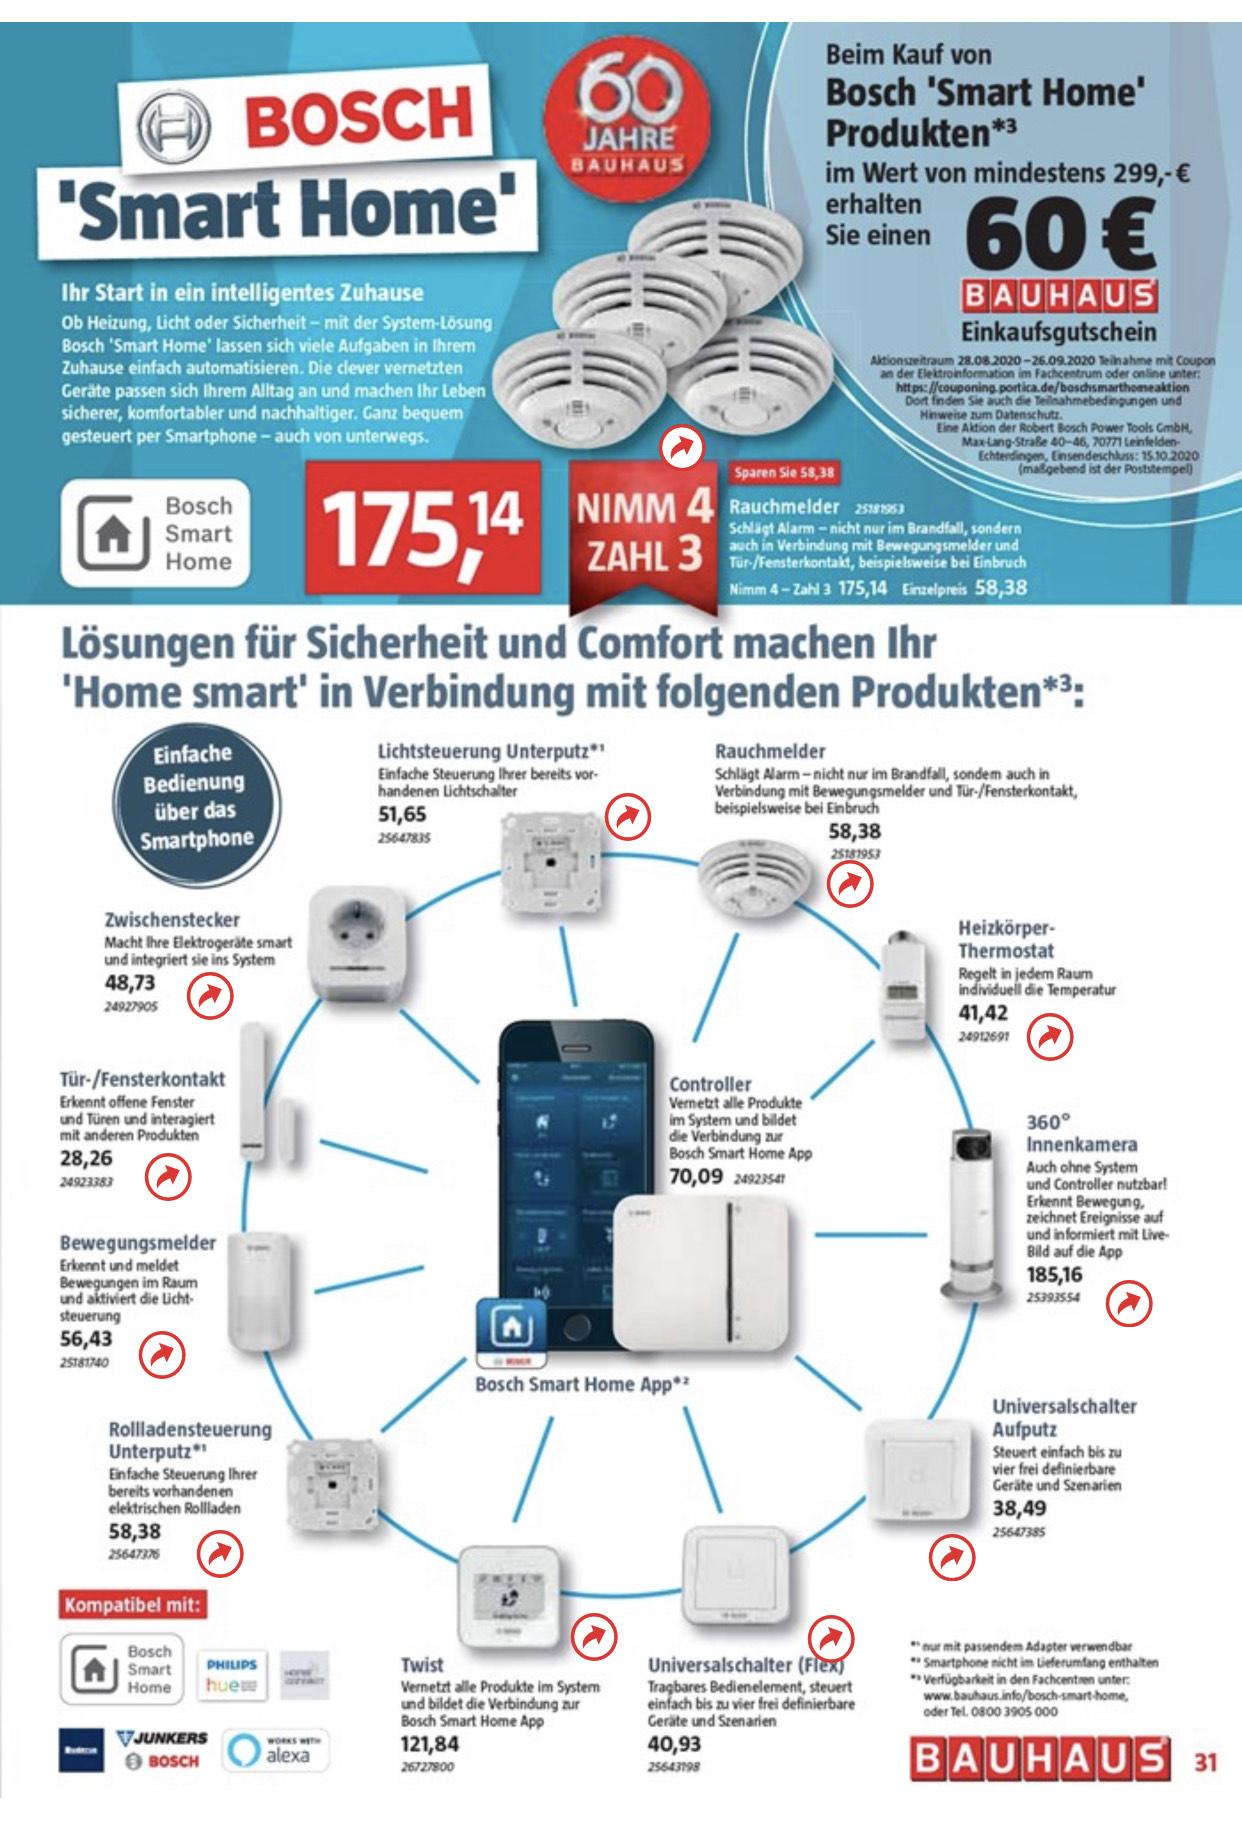 Bosch Smarthome Aktion Bauhaus z.B. Rauchmelder 4 für 3